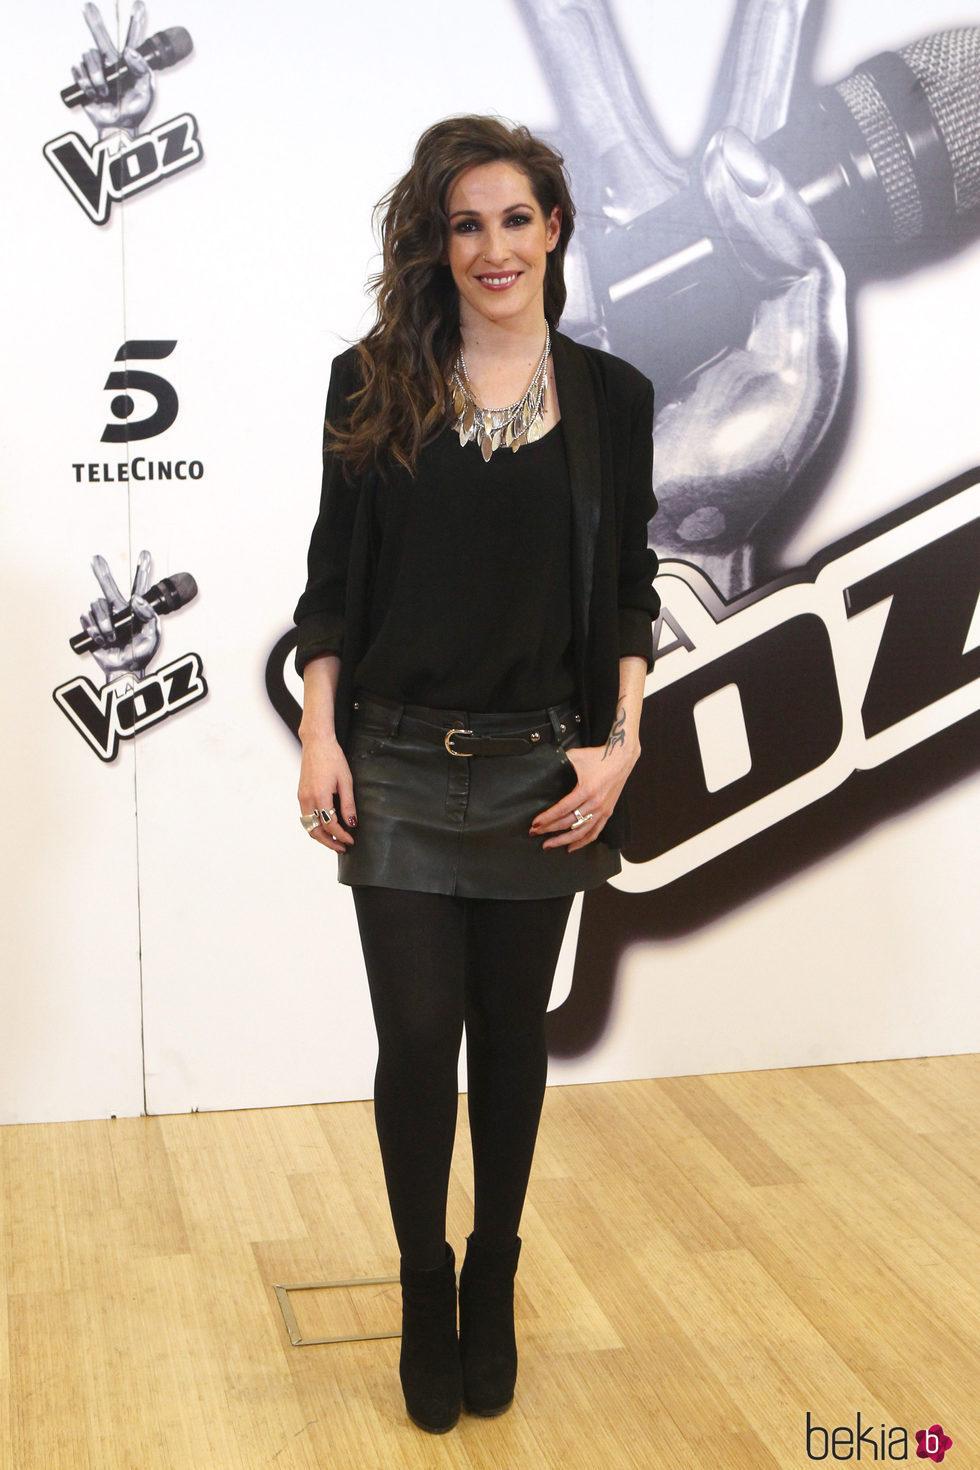 Malú con un total look black en la presentación de la ganadora de 'La Voz'